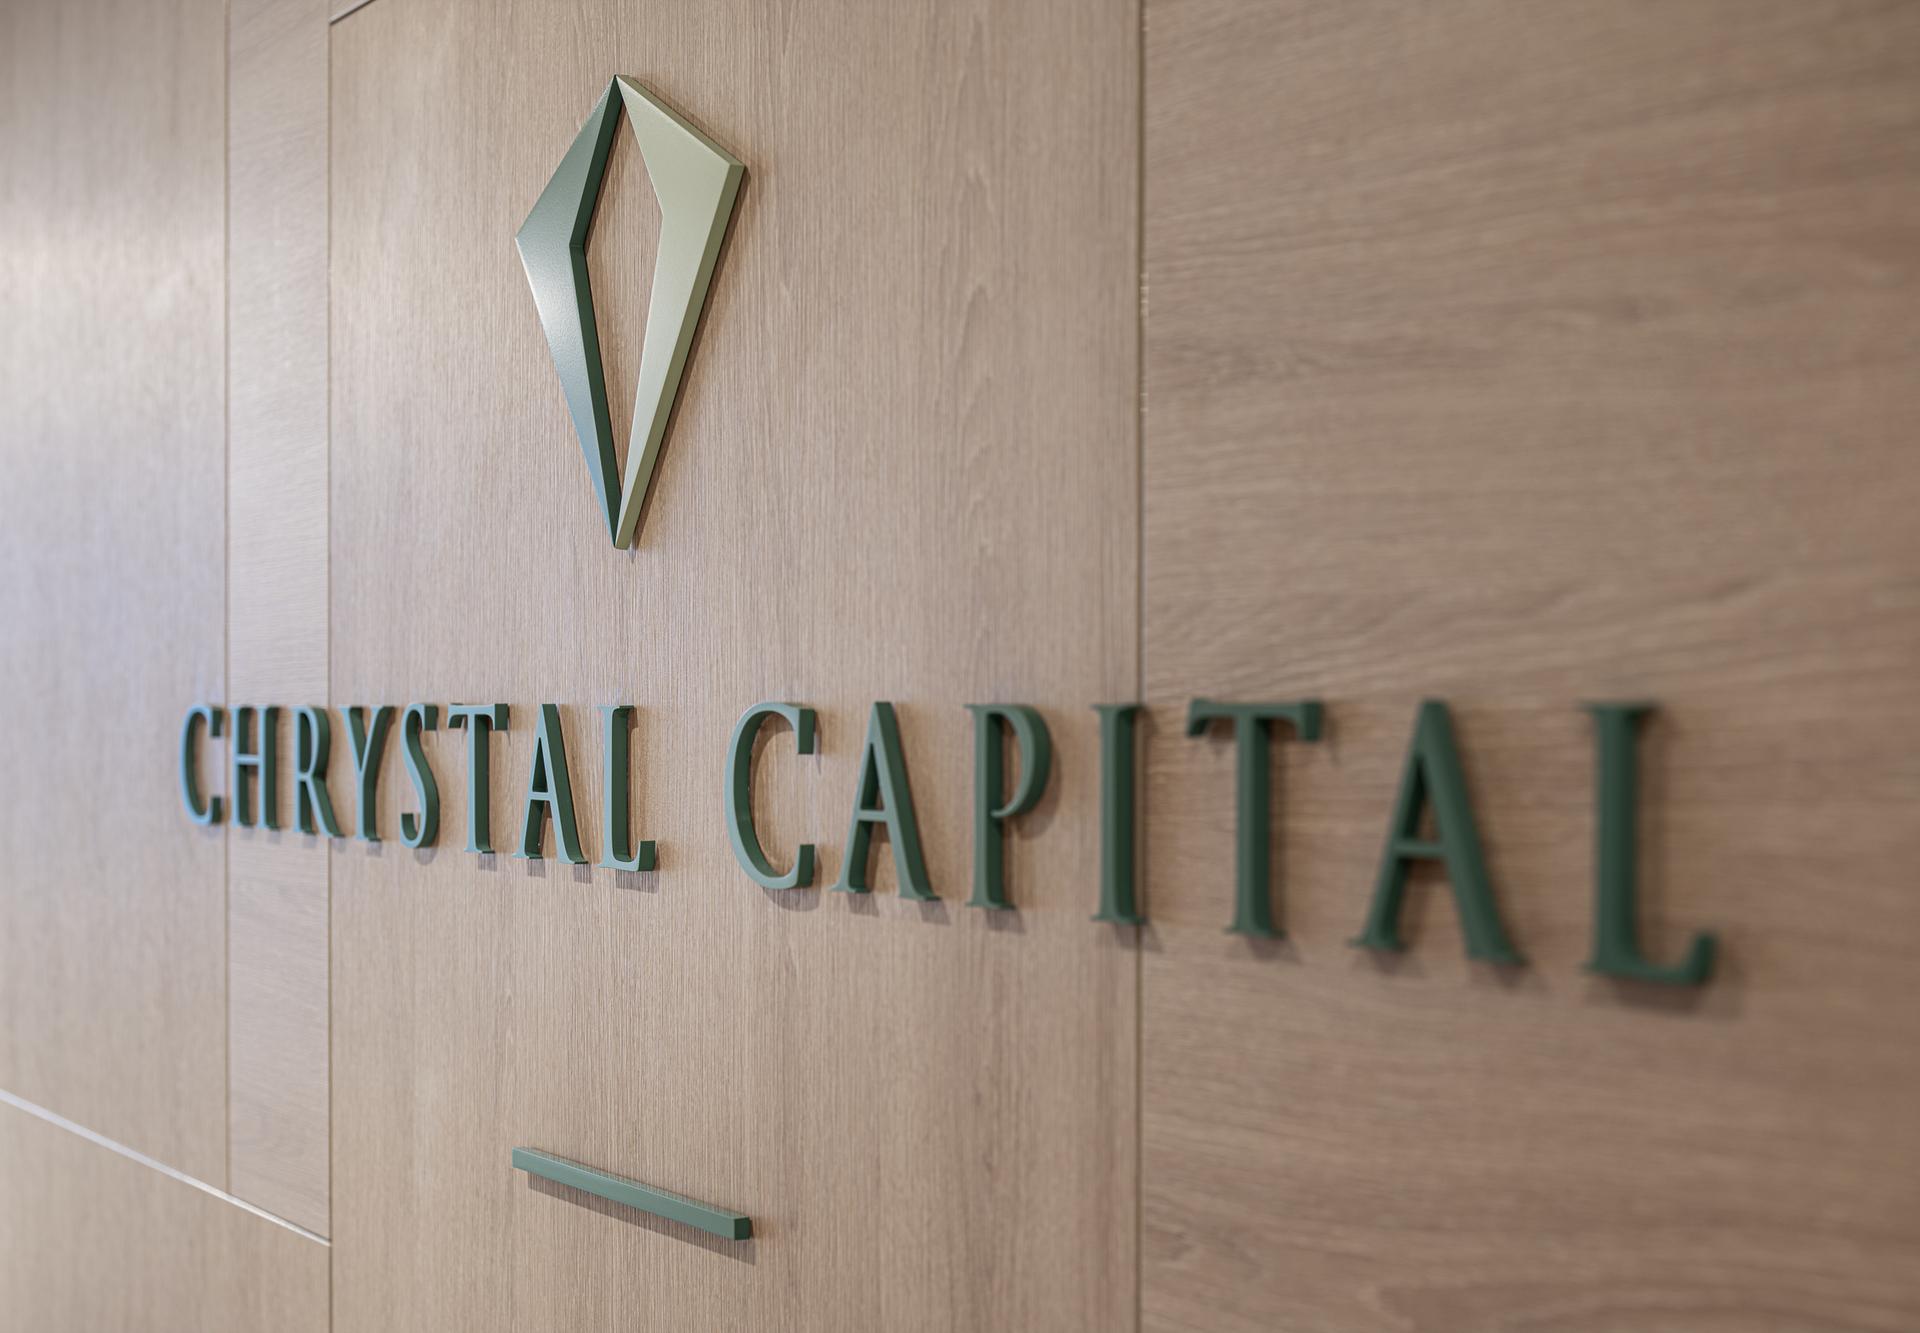 Chrystal Capital Sign